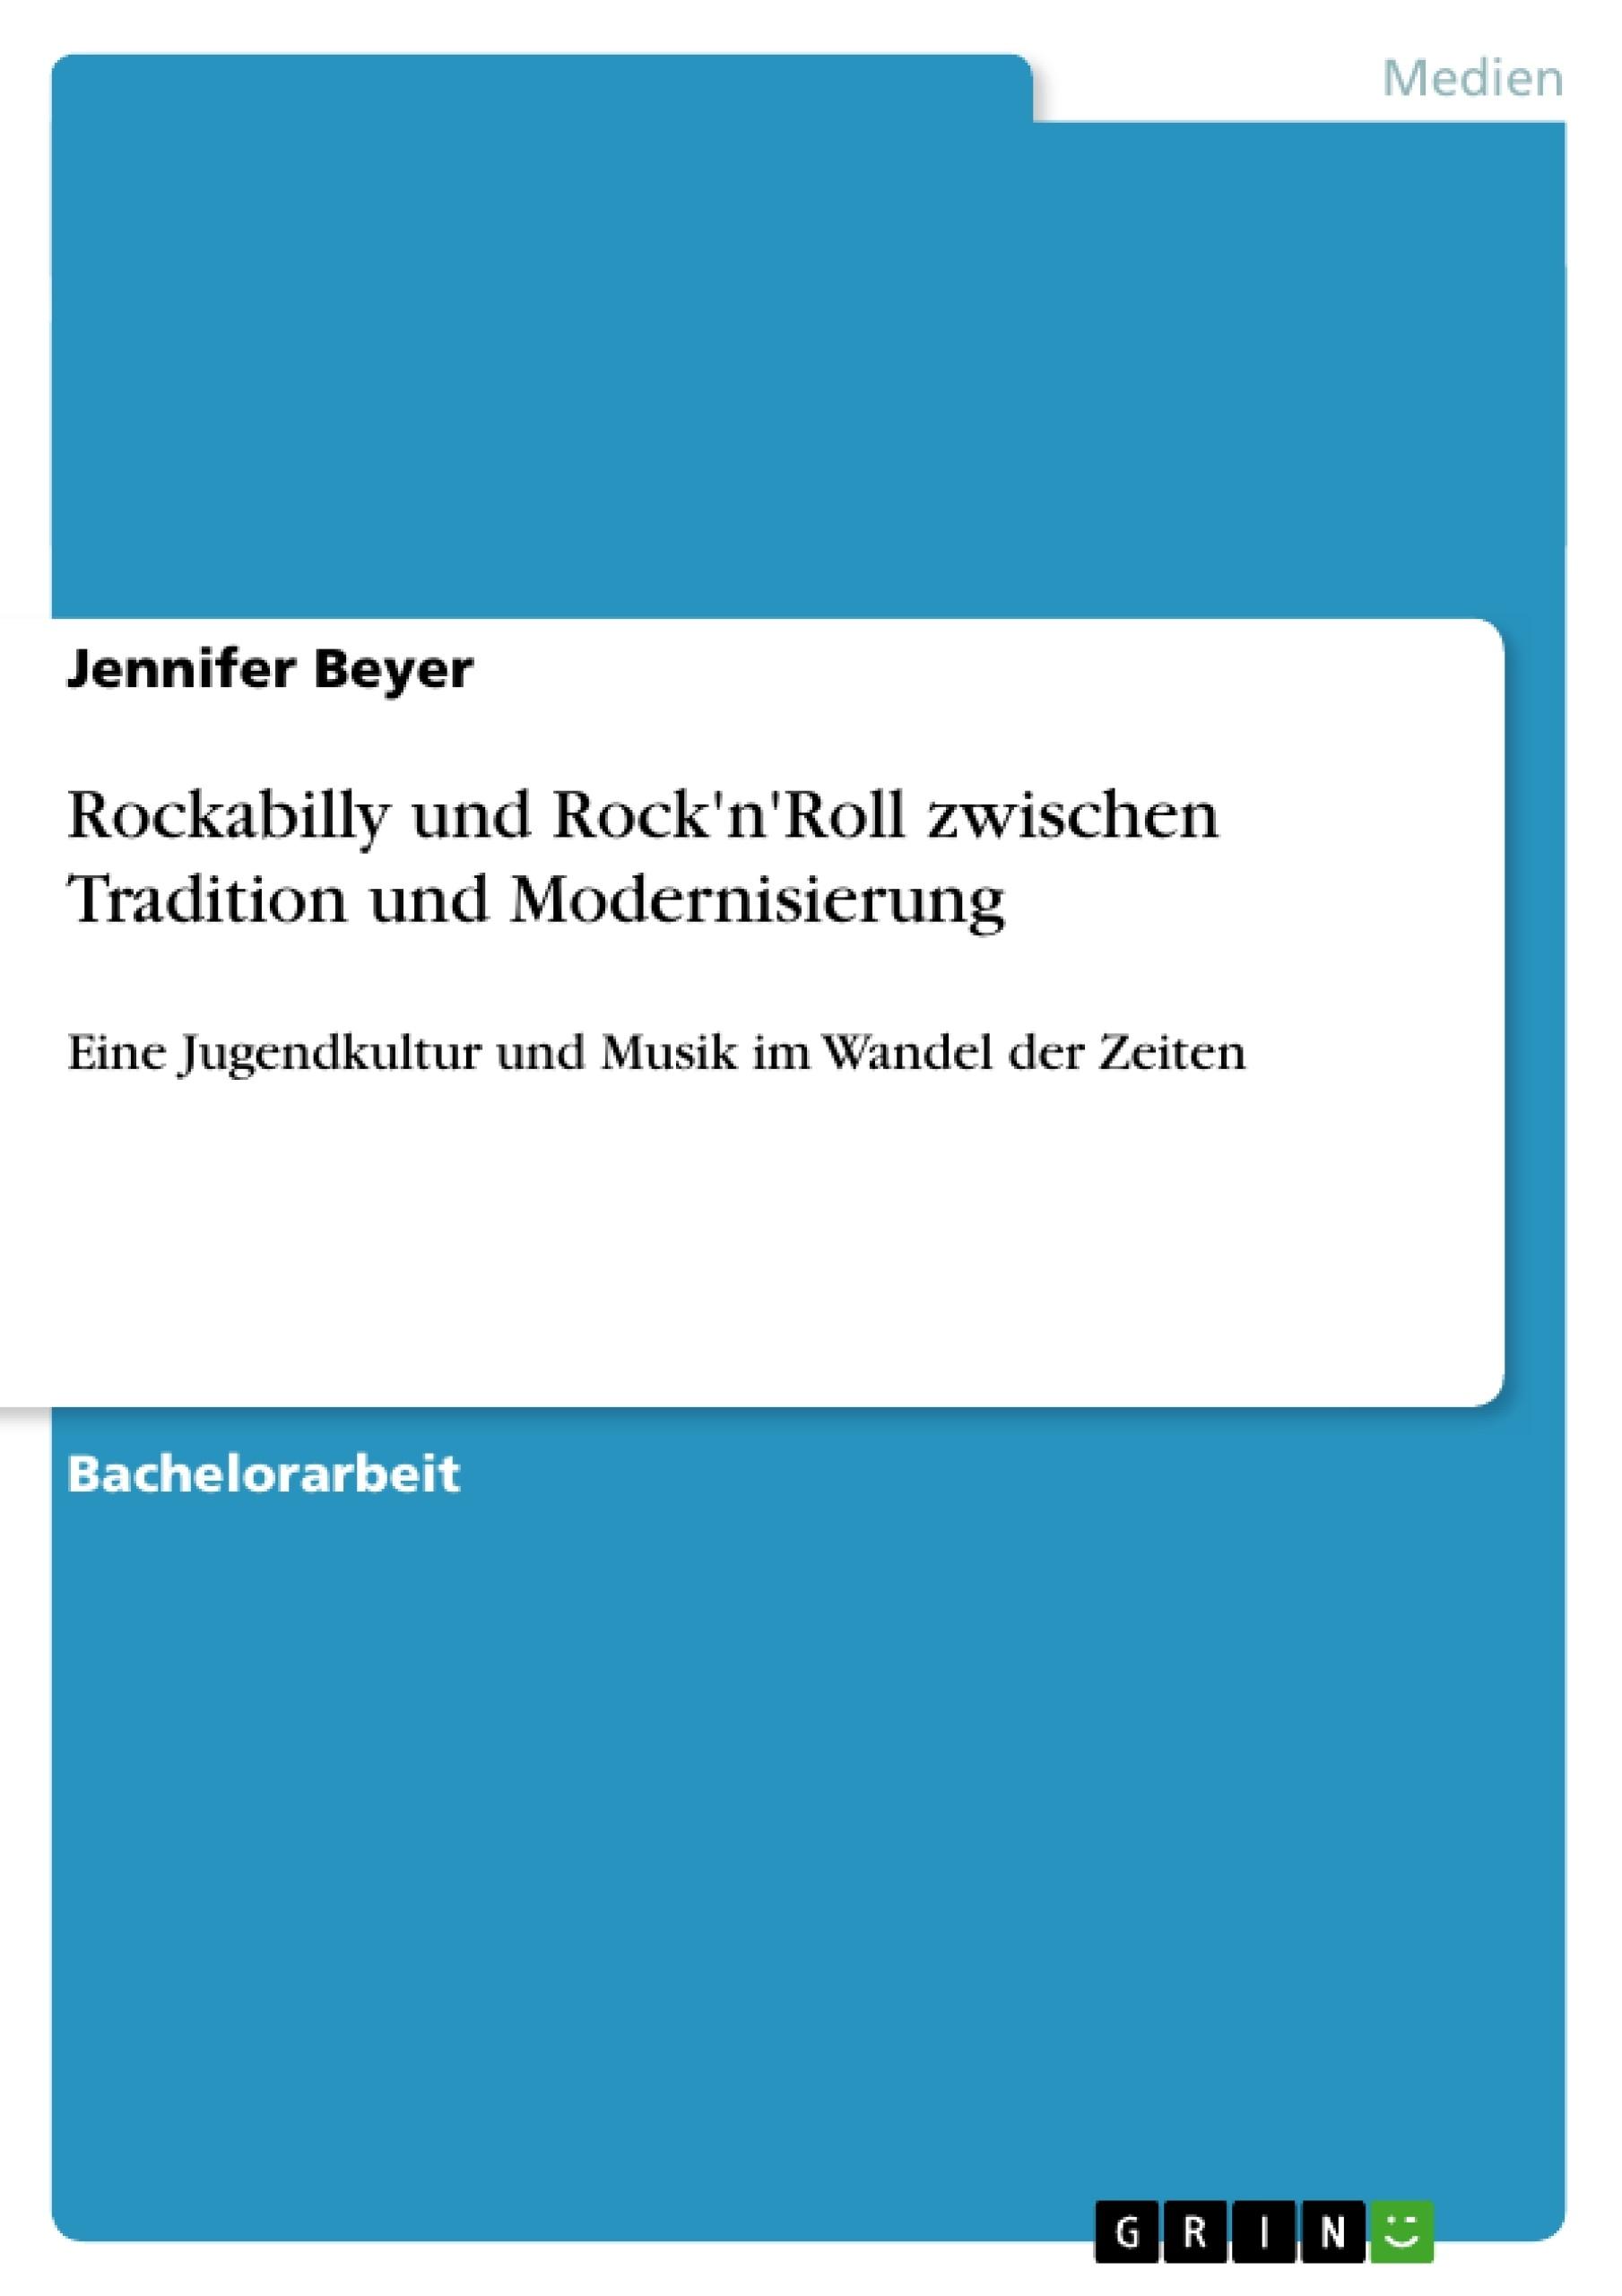 Titel: Rockabilly und Rock'n'Roll zwischen Tradition und Modernisierung